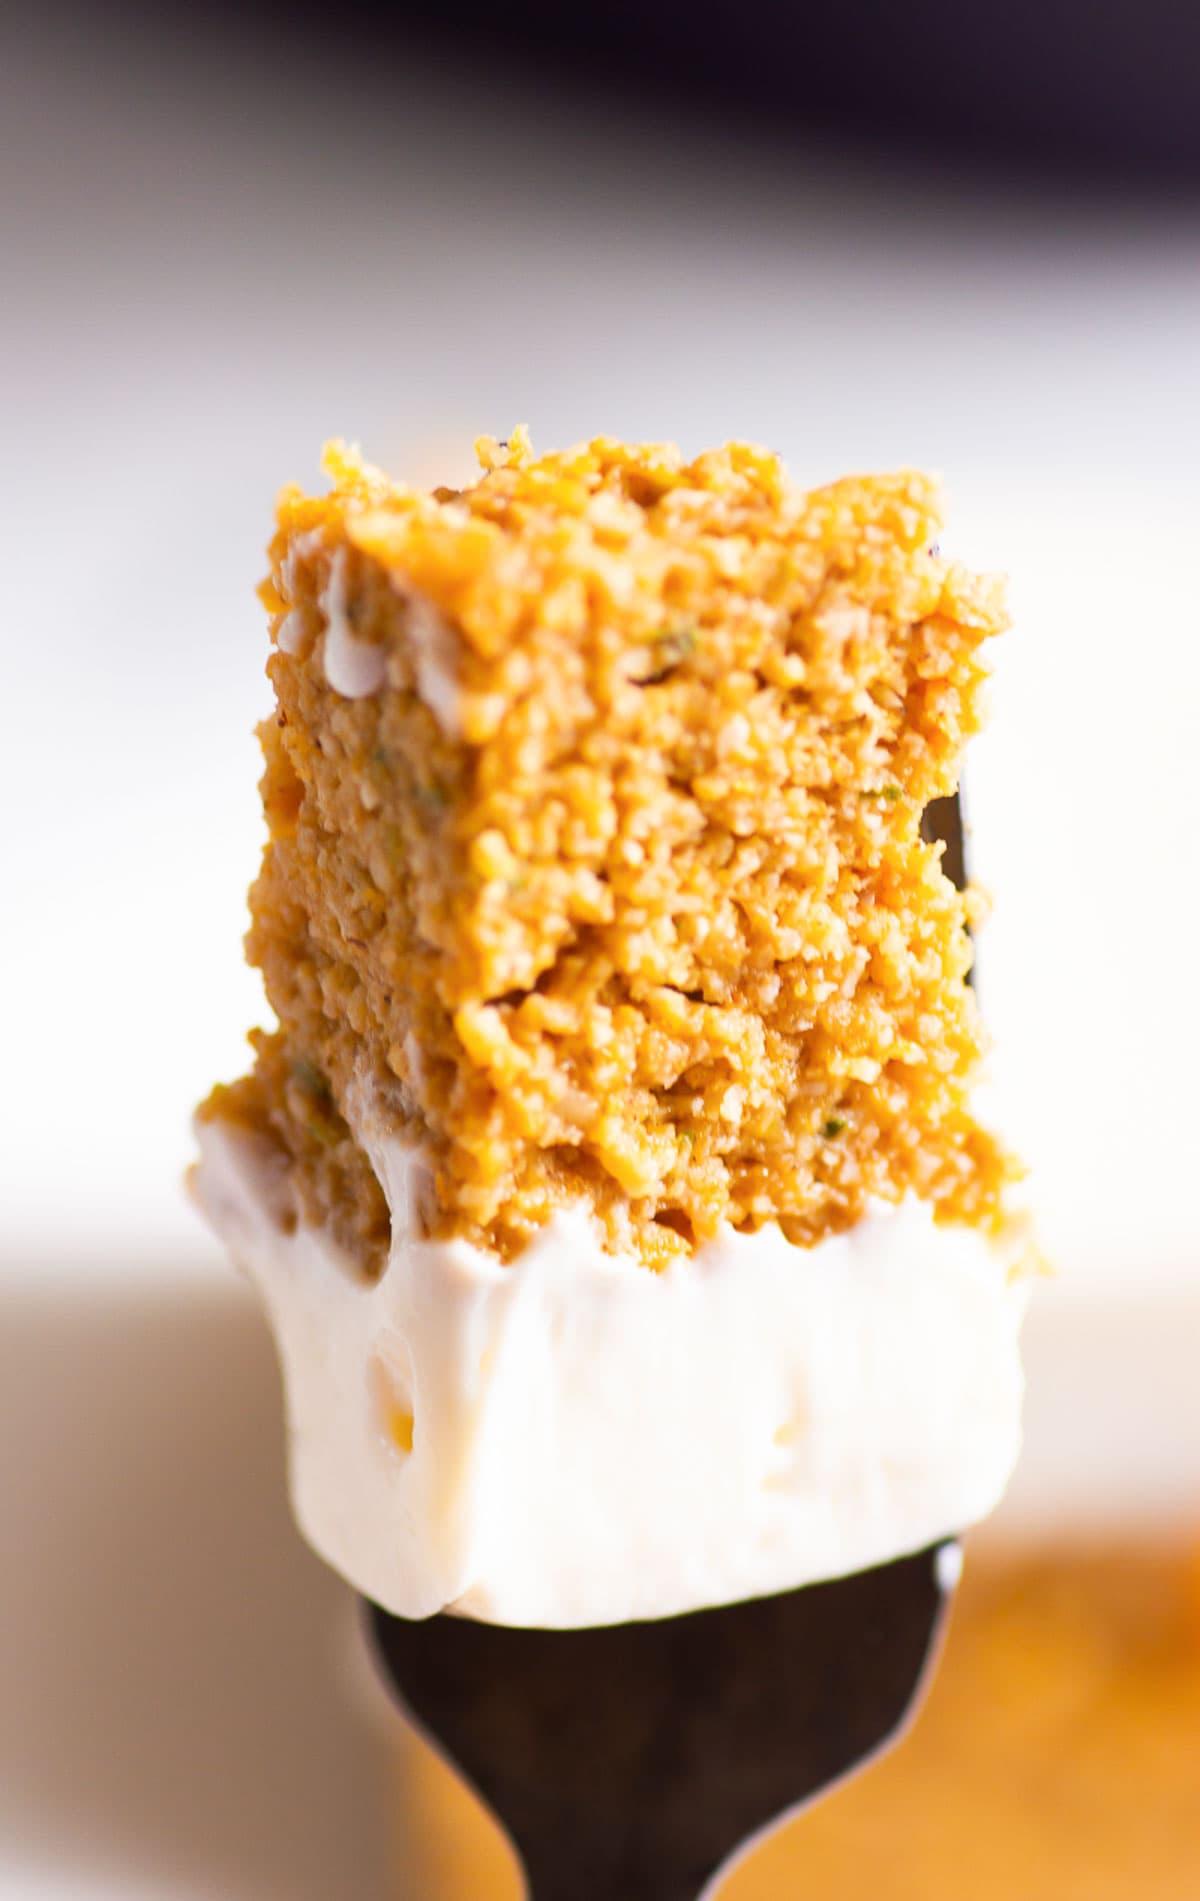 Rebanada de pastel de calabaza saludable en un tenedor